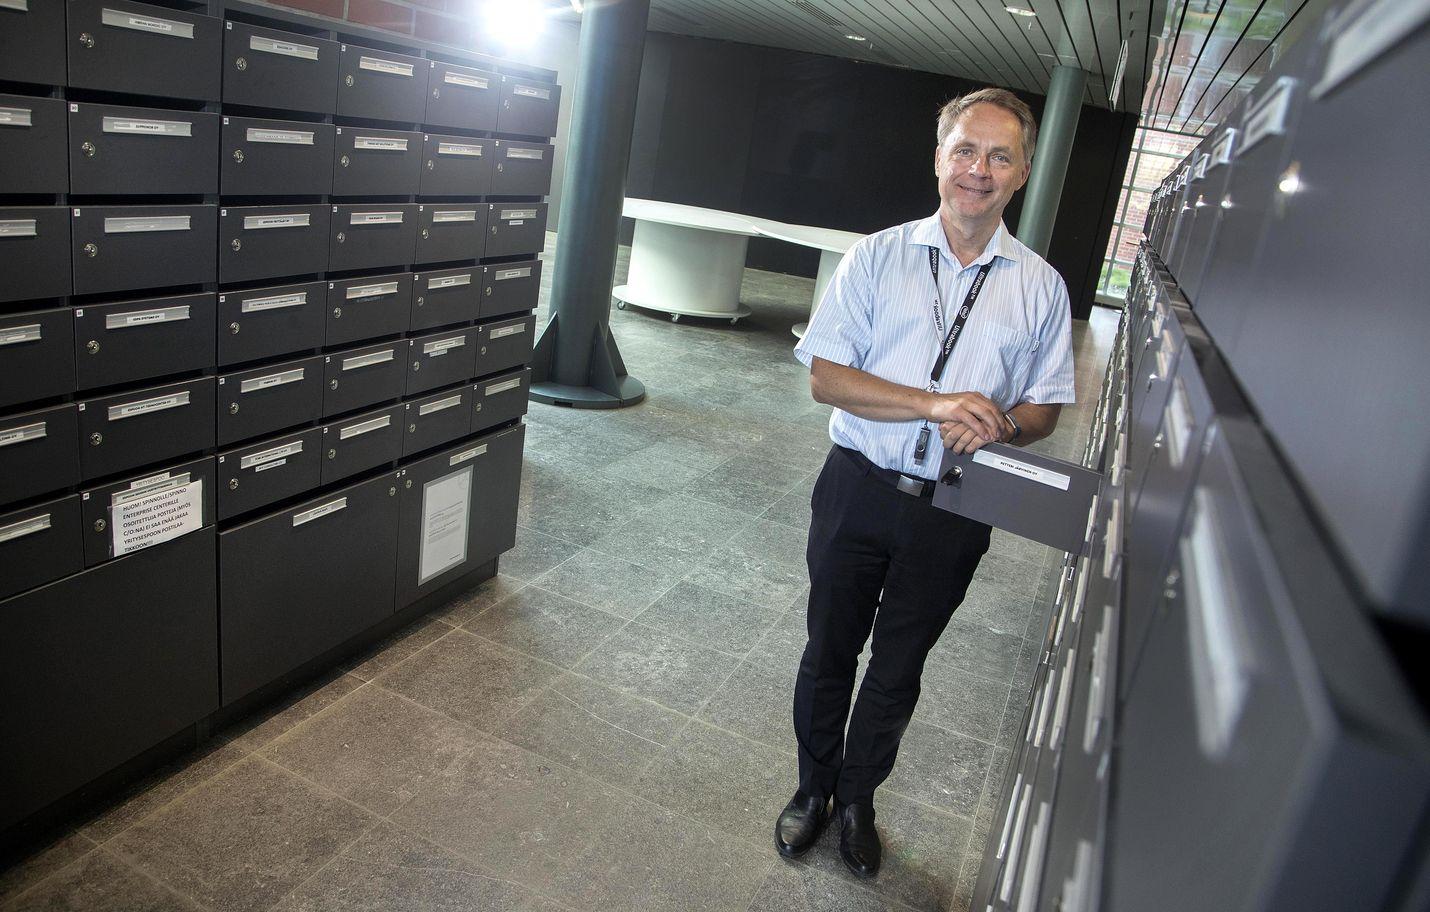 Tietoturva-asiantuntija Petteri Järvinen pitää terapiaa saaneiden potilaiden terveystietojen vuotoa pahimpana mahdollisena tietoturvakatastrofina.